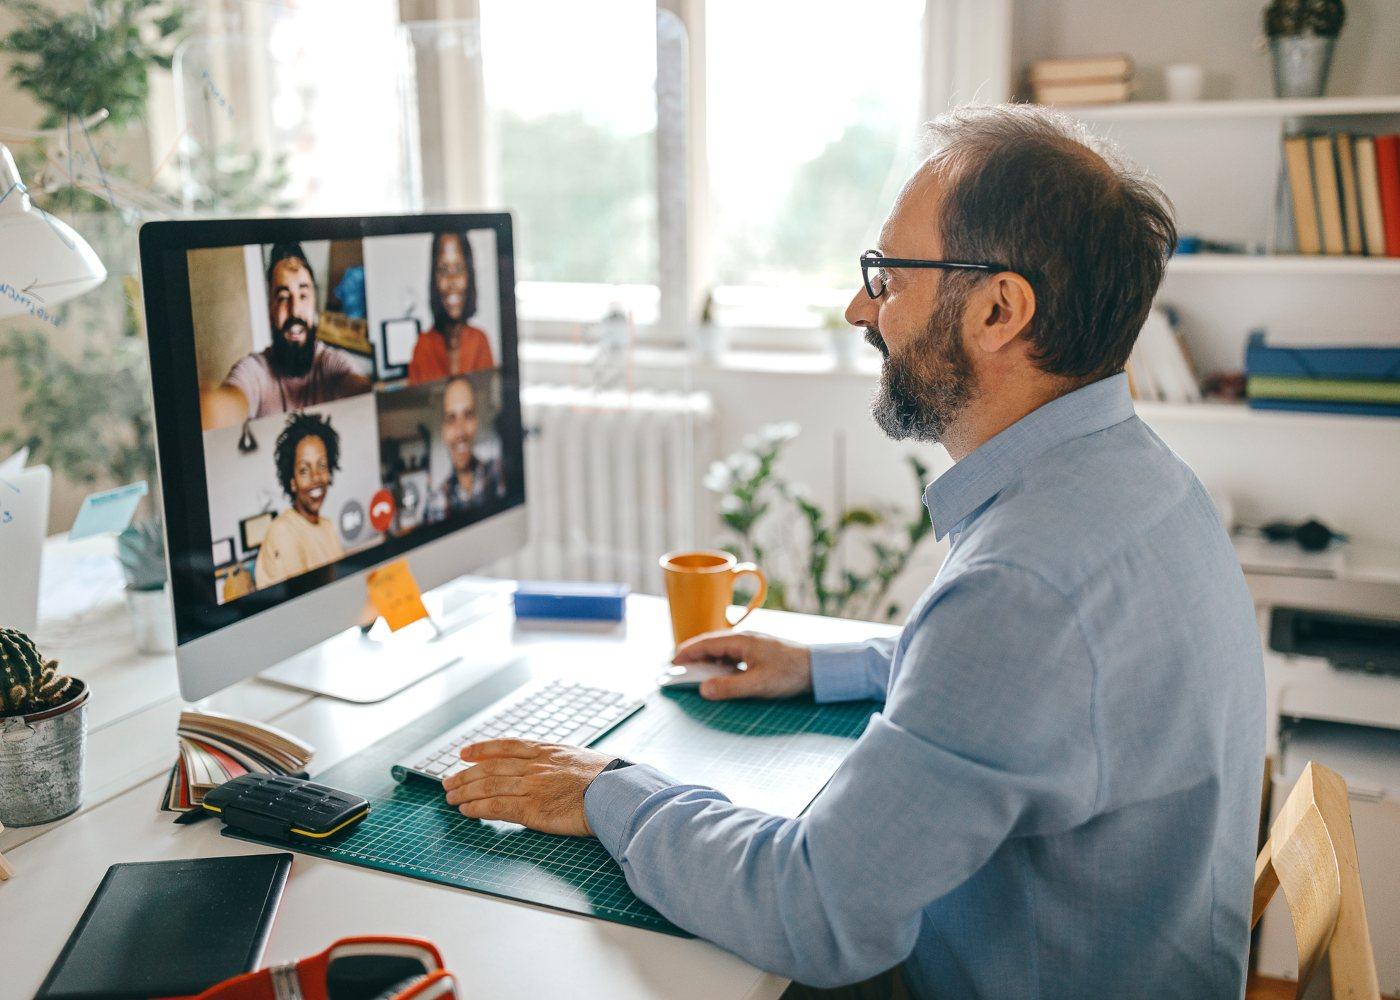 trabalhador em reunião online com equipa depois de consultar livro verde